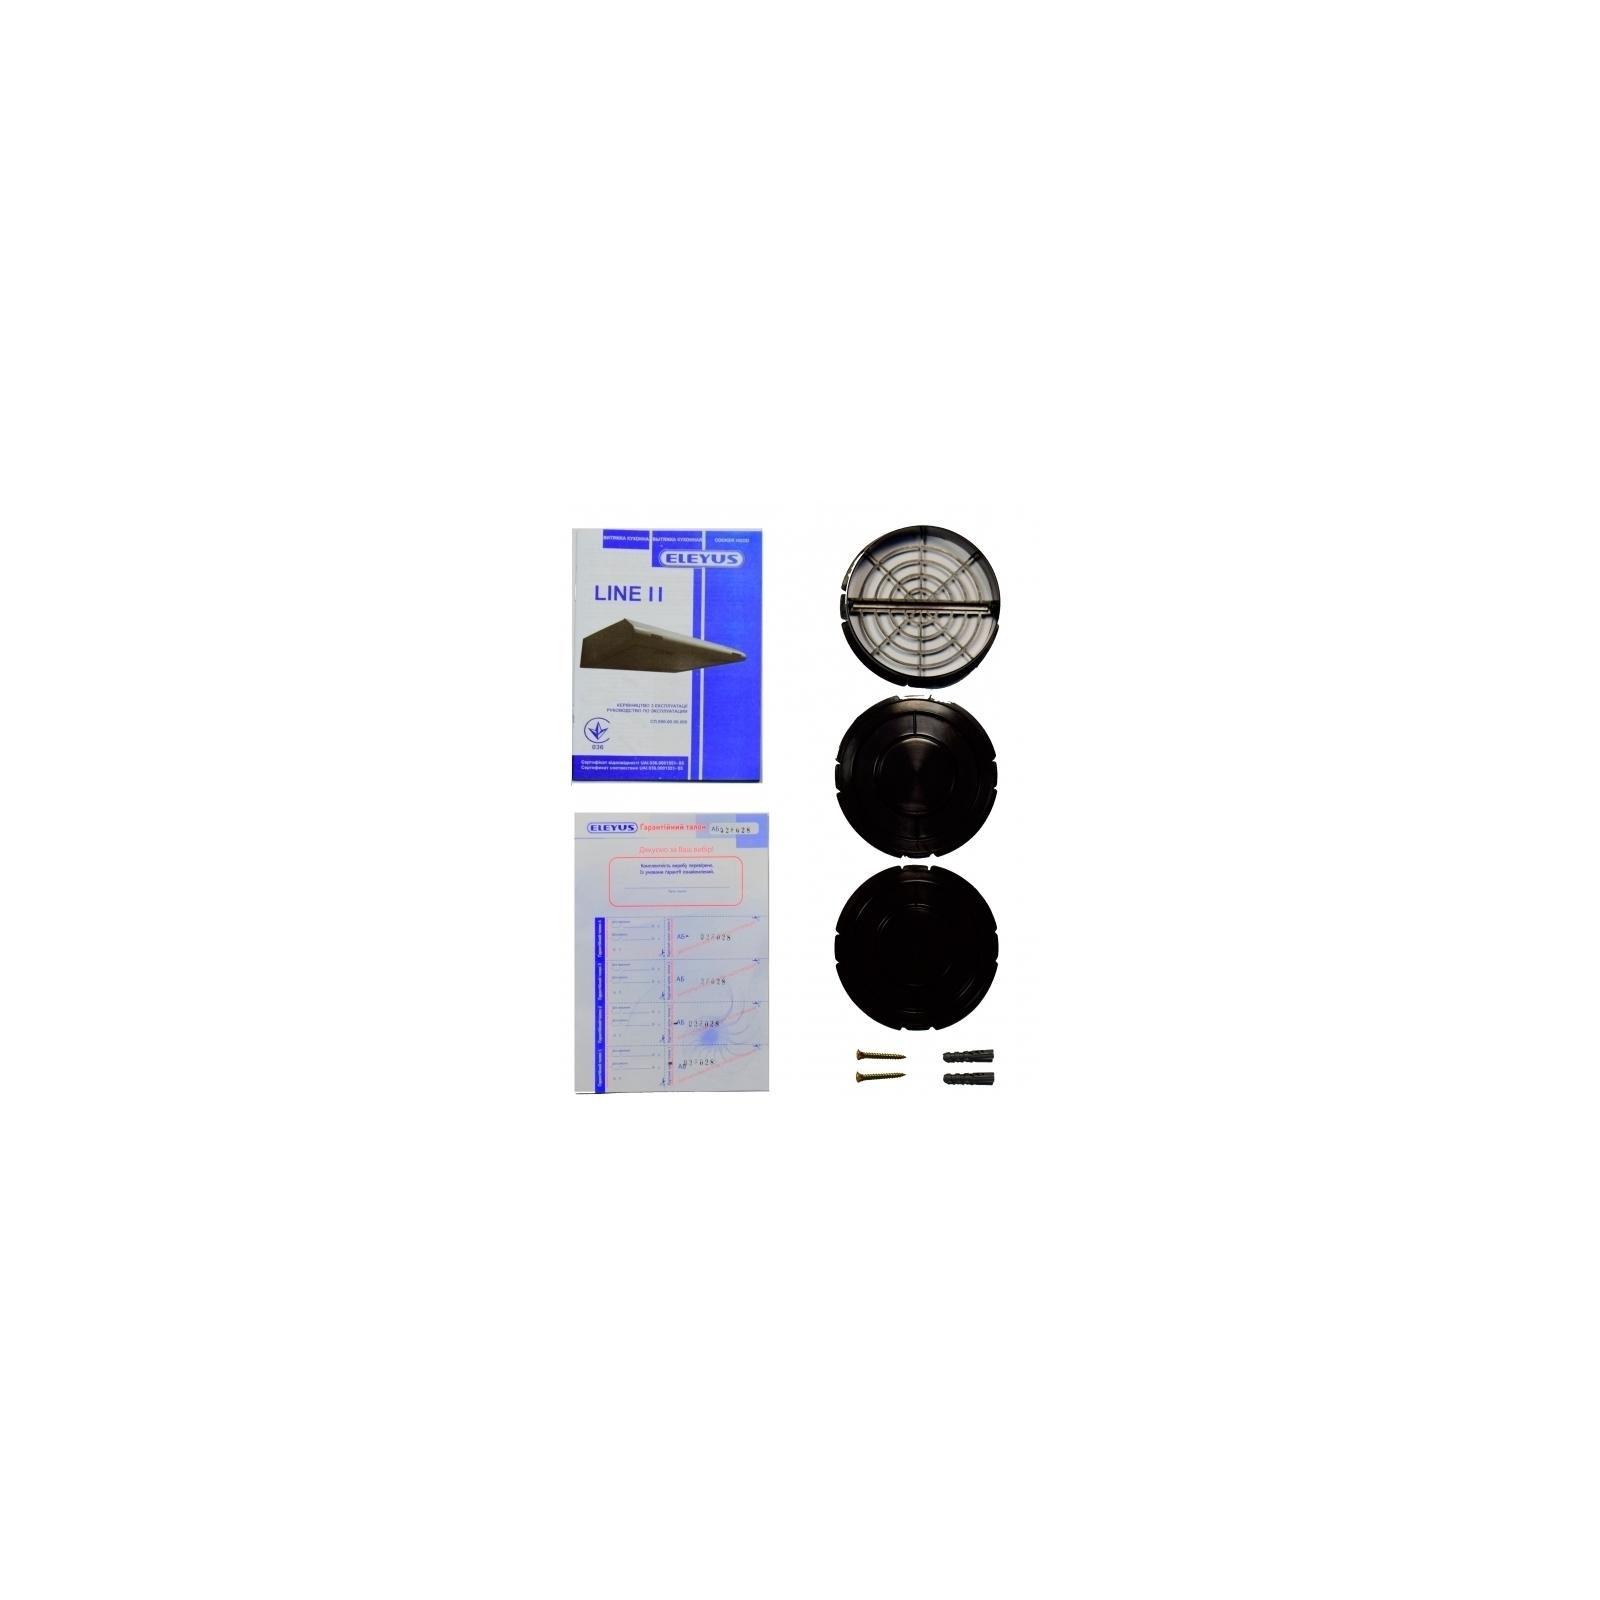 Вытяжка кухонная ELEYUS Line II 60 BR изображение 9